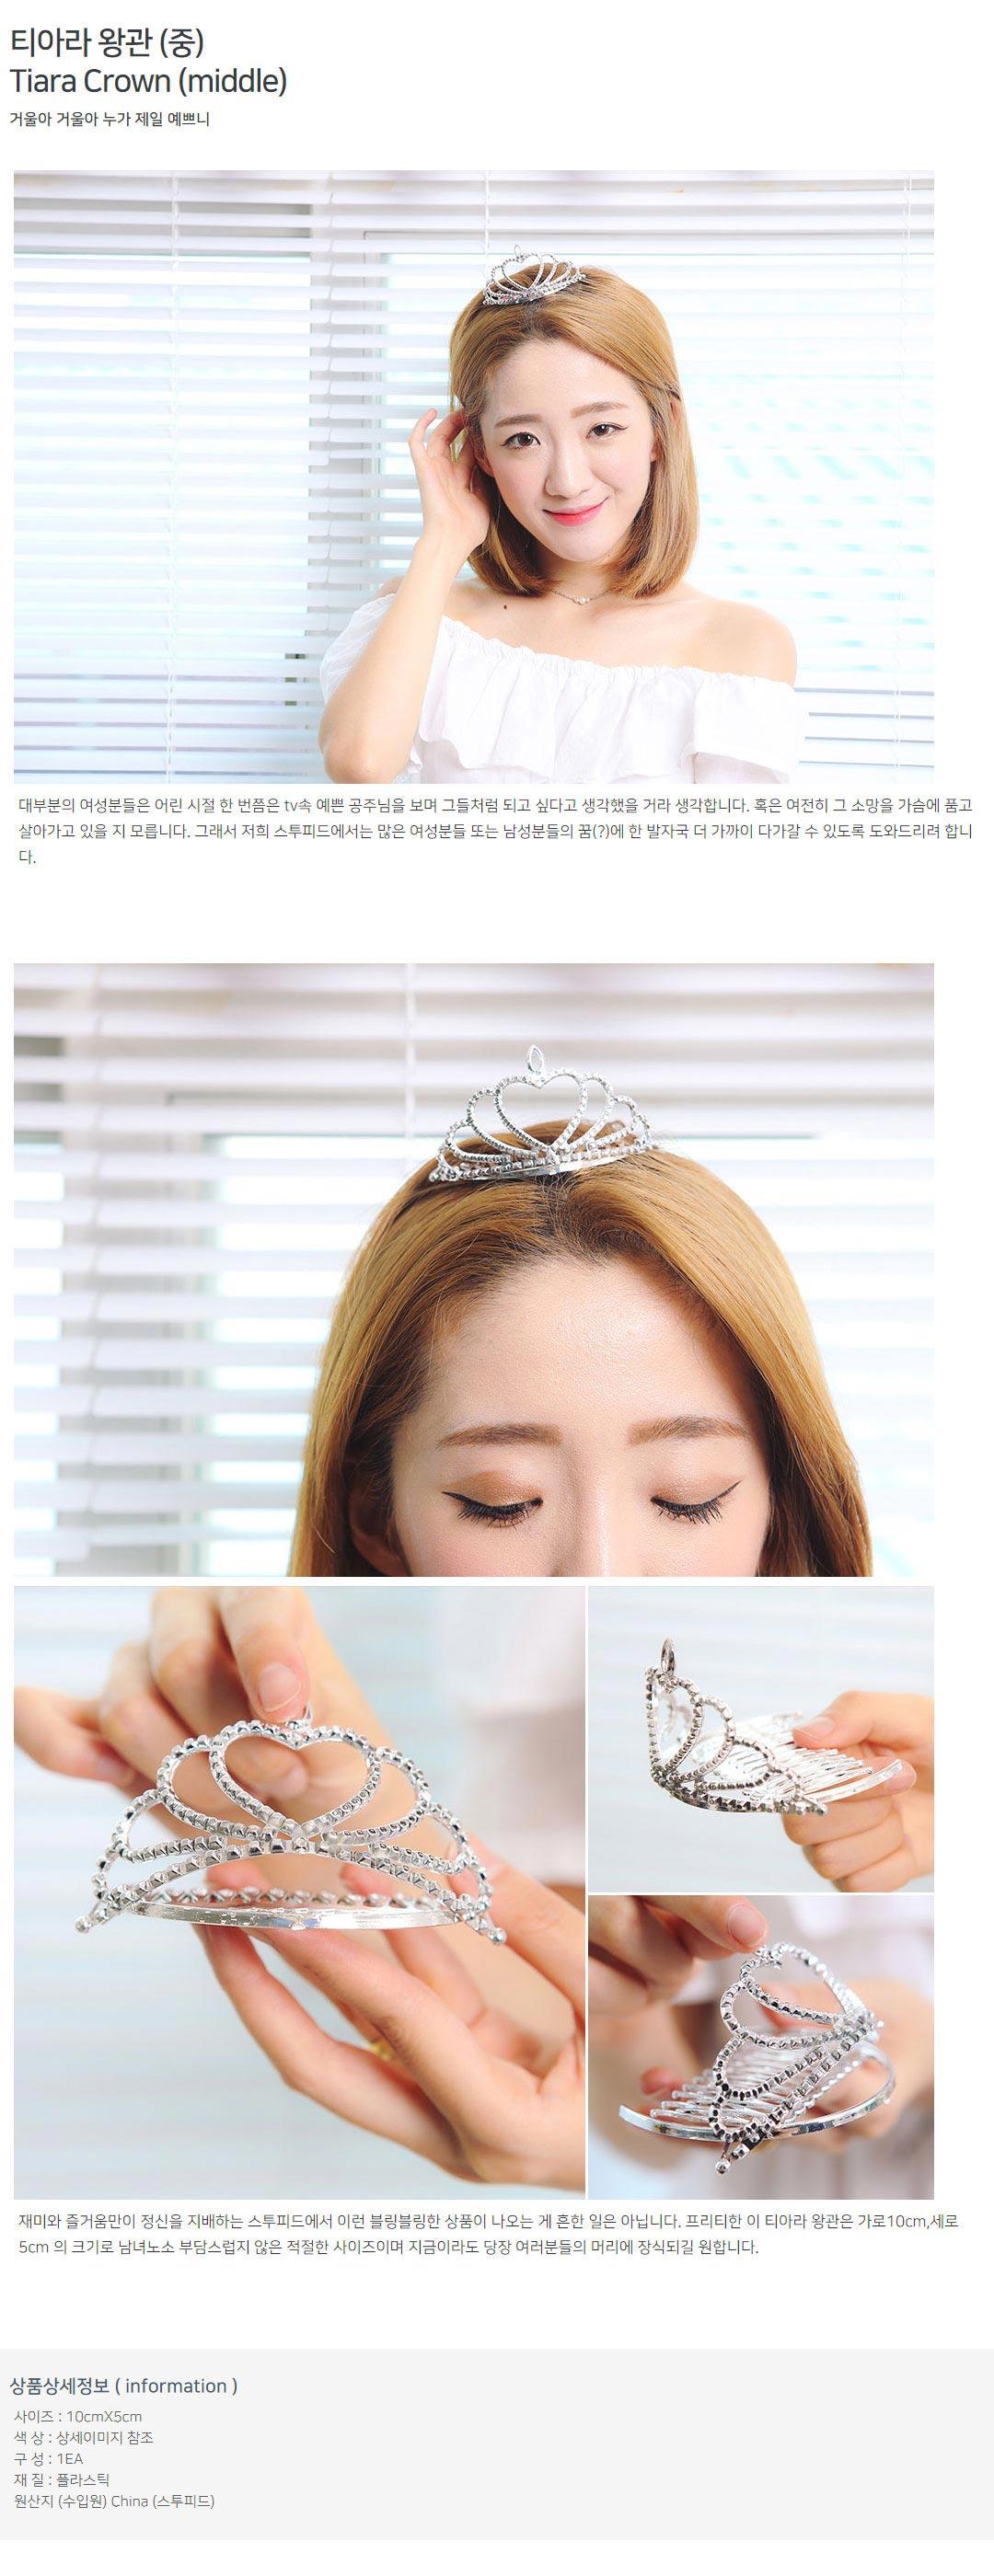 티아라 왕관 (중) - 스투피드, 800원, 파티용품, 데코/장식용품